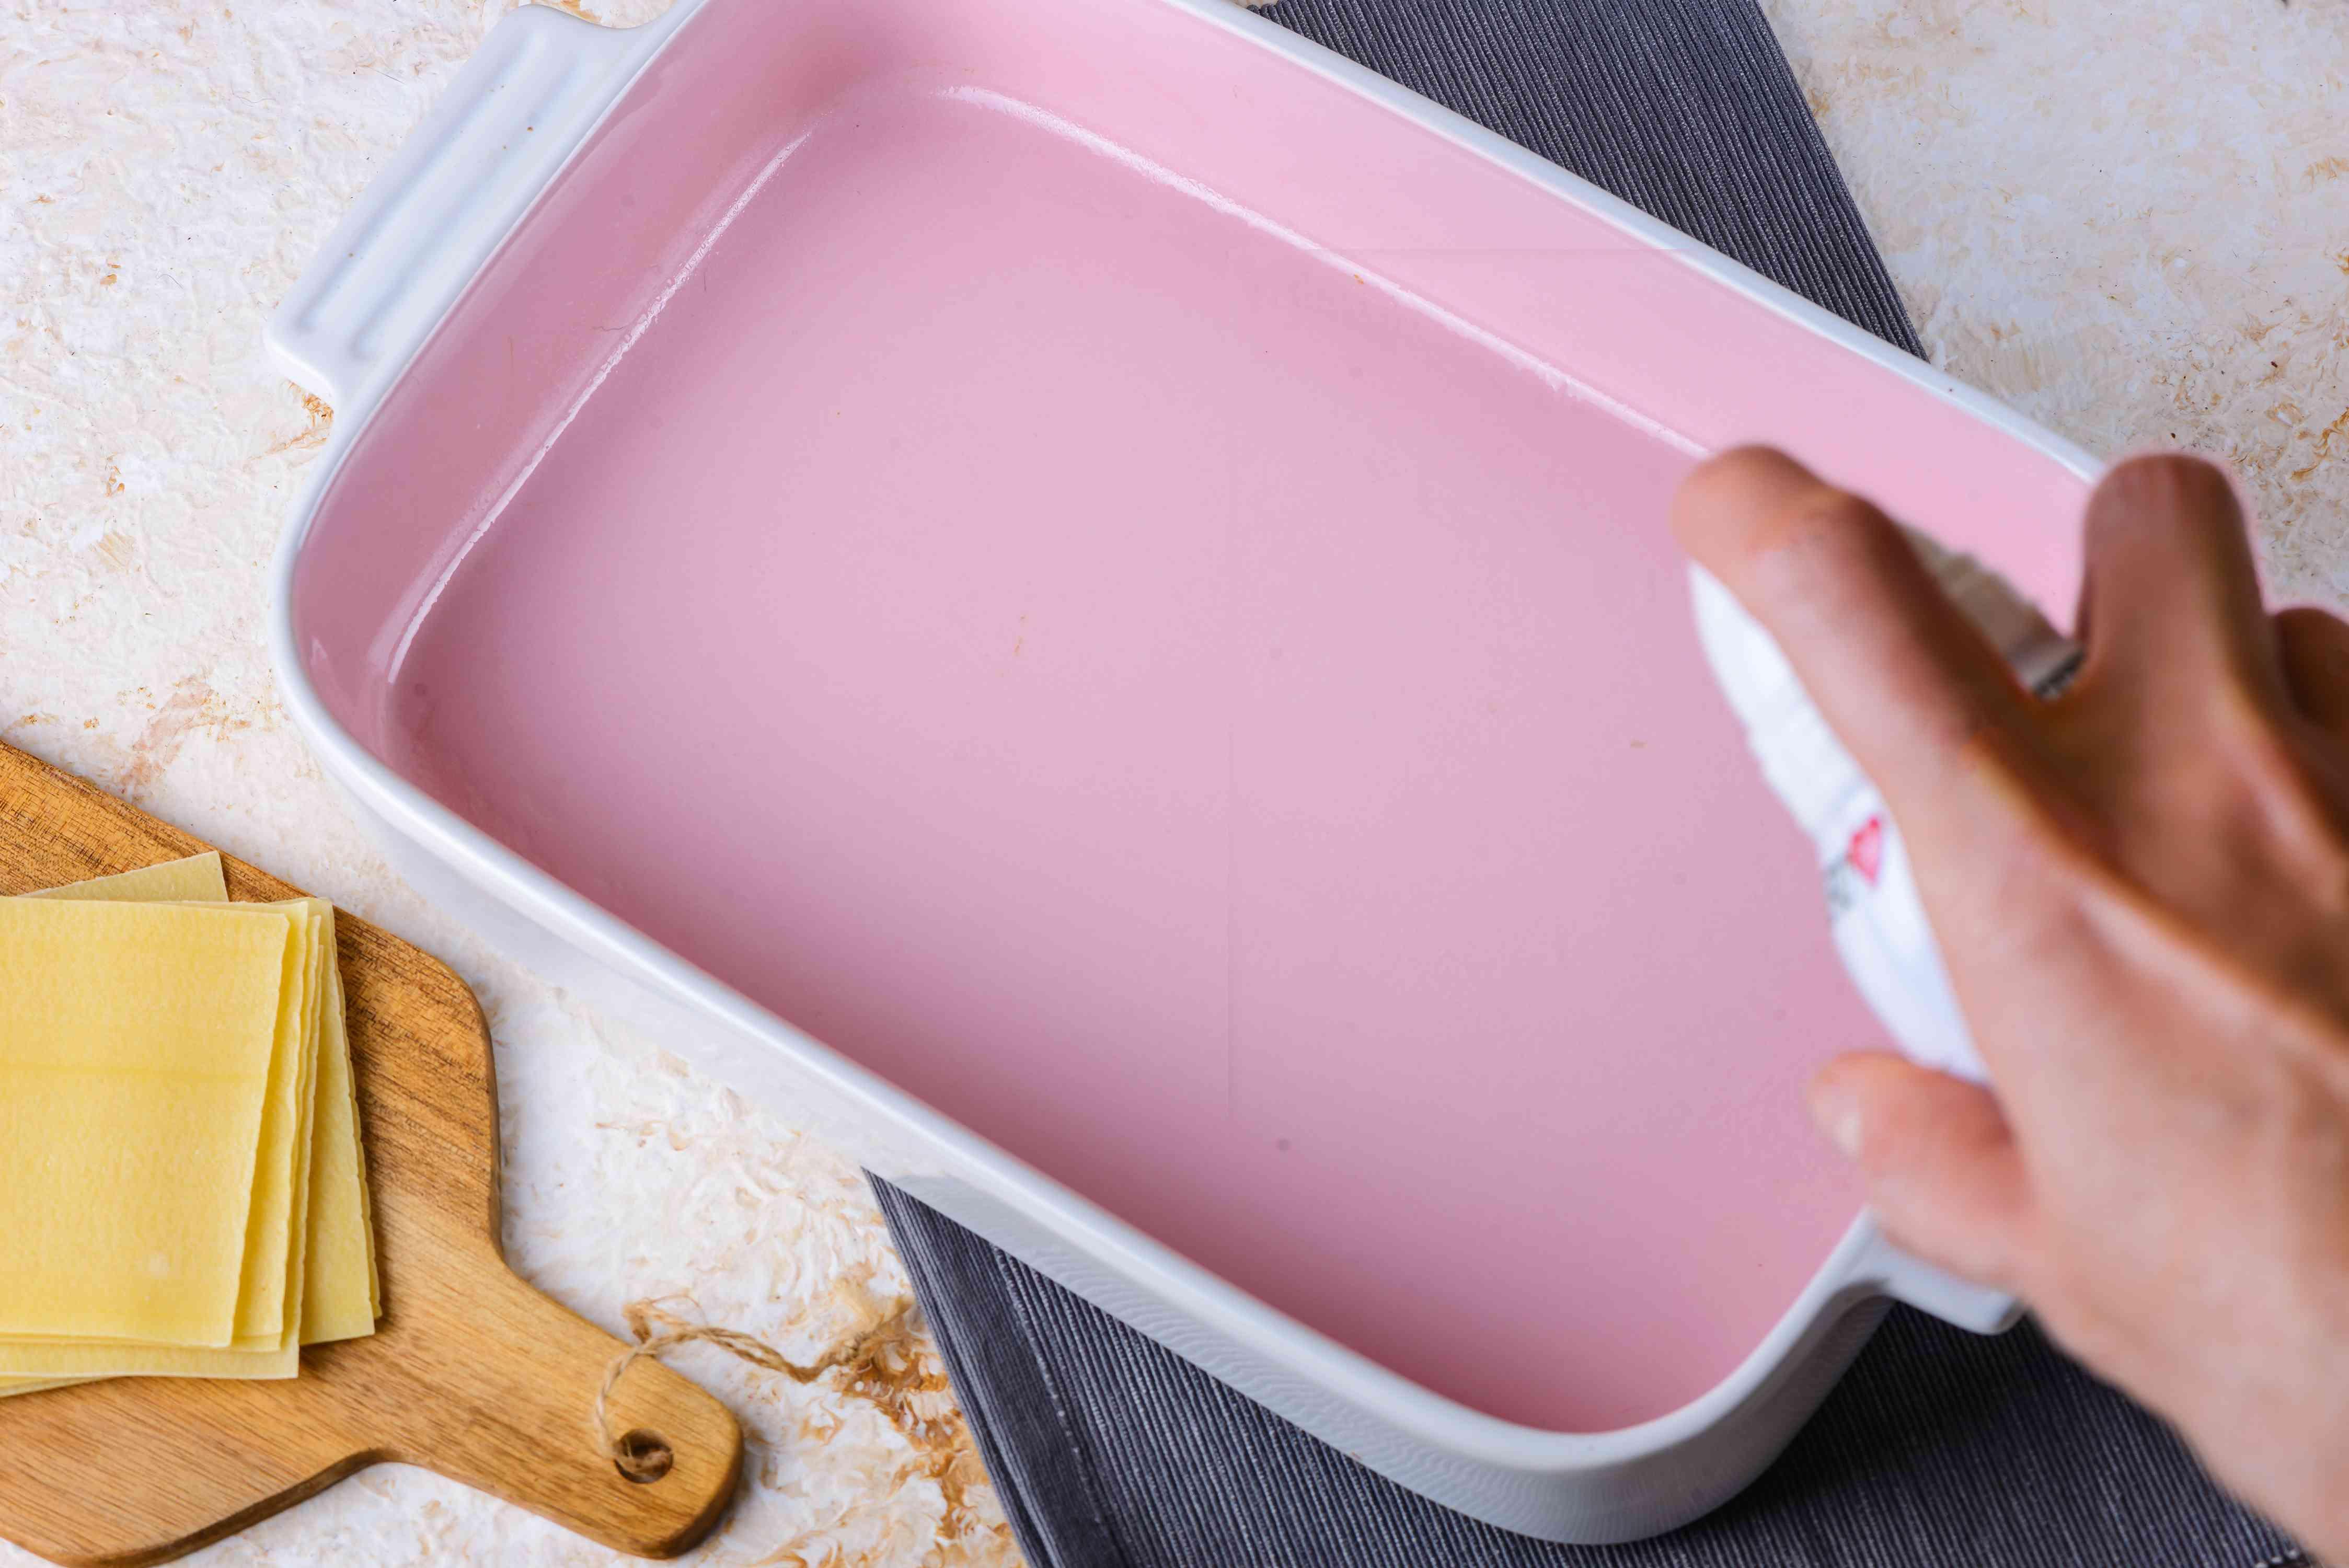 Spray pan